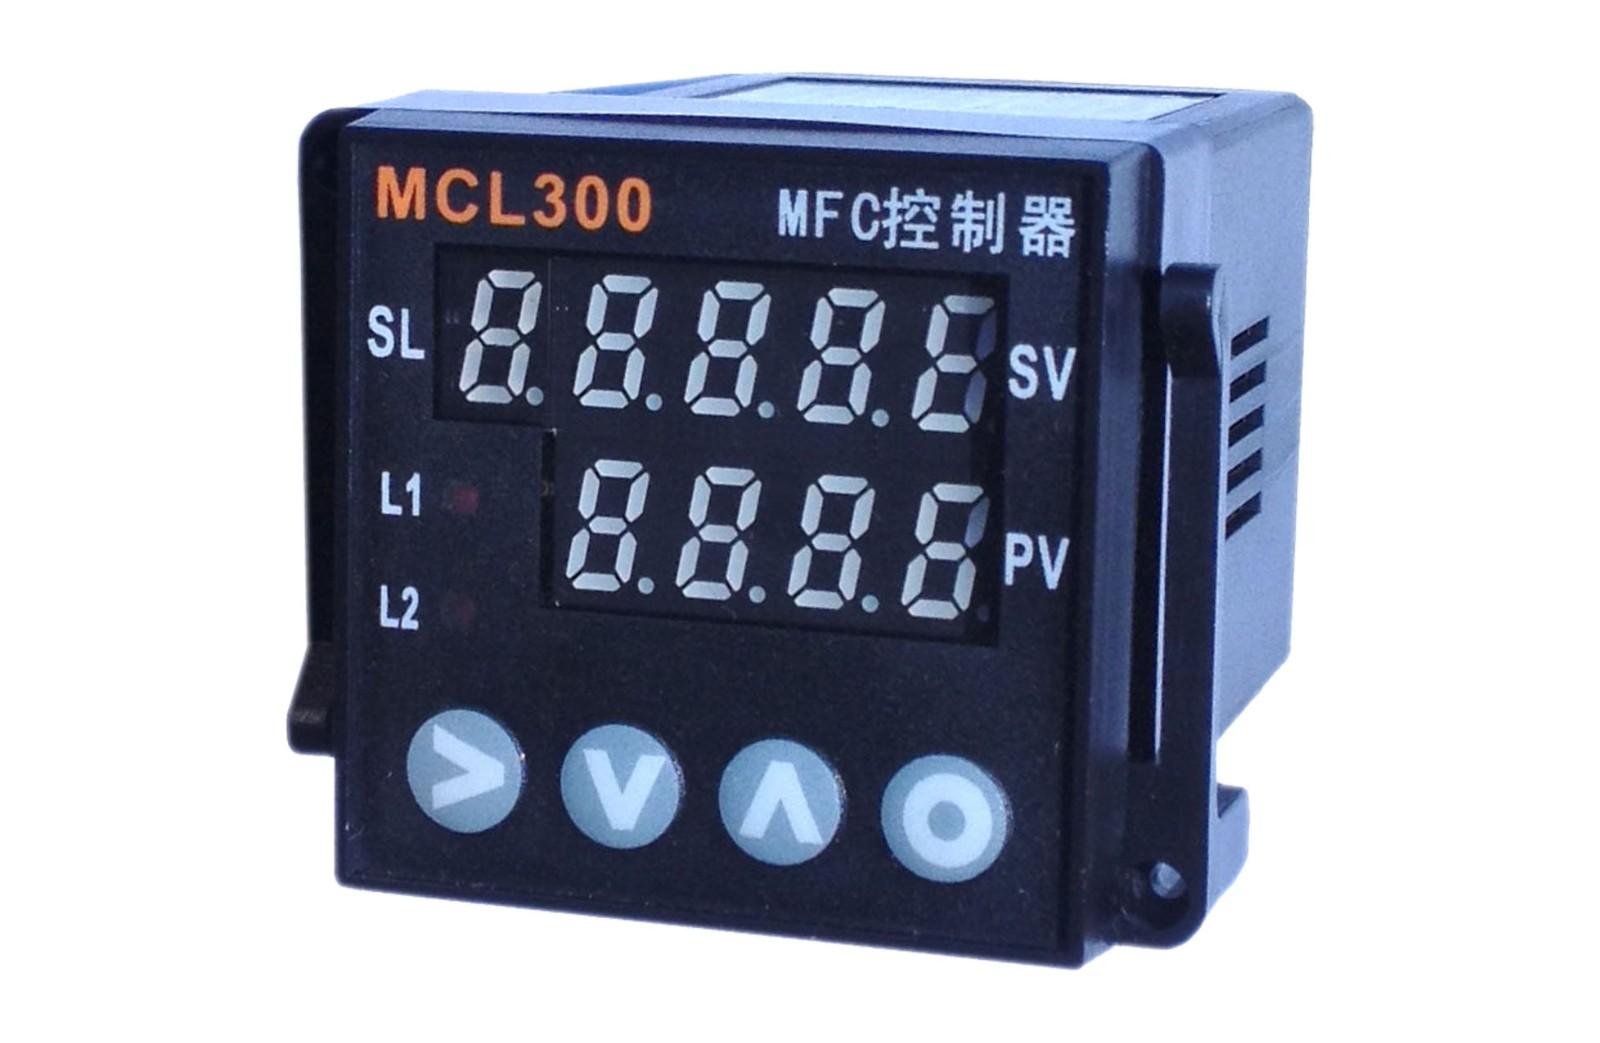 爱拓利电子专业质量流量计,控制仪知名品牌